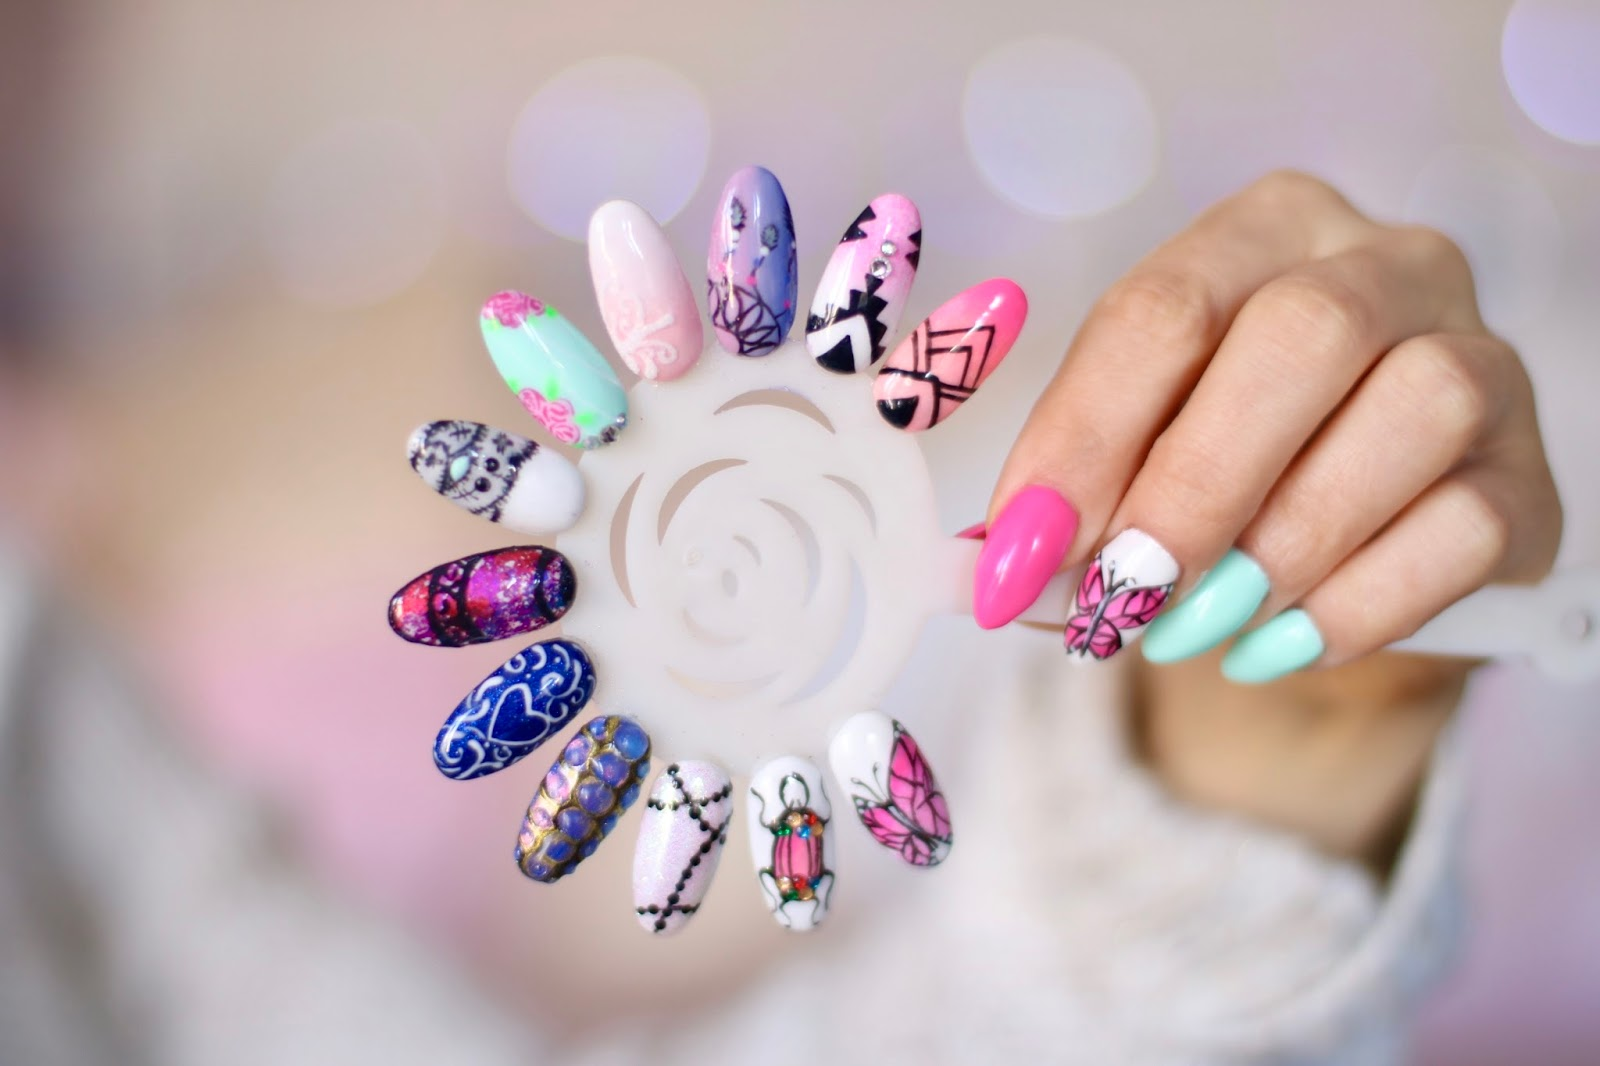 Mix Salonowych Zdobień - Wzorniczek Miracle Nails